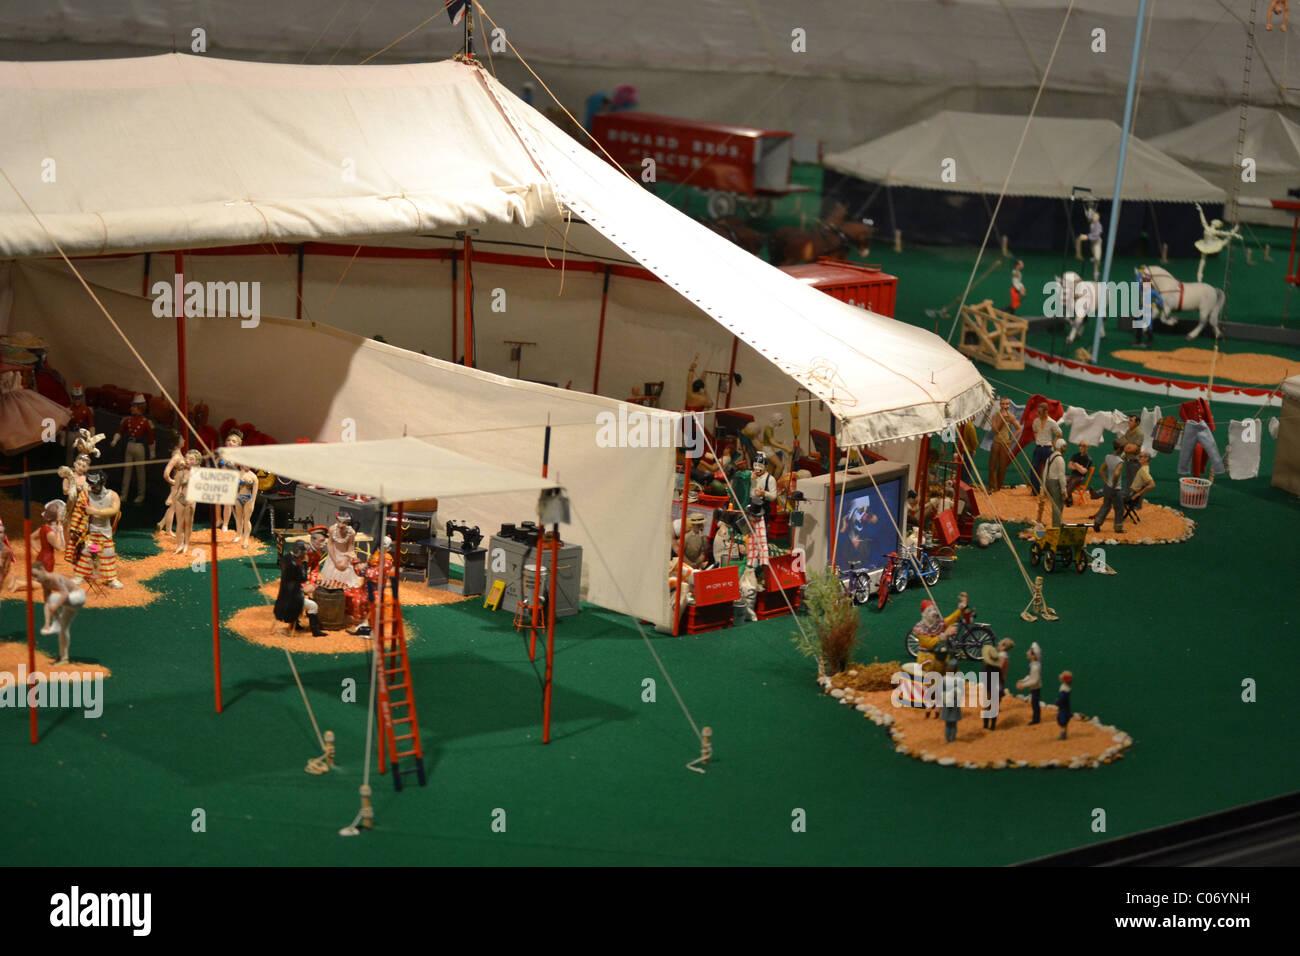 Model Circus Stock Photos & Model Circus Stock Images